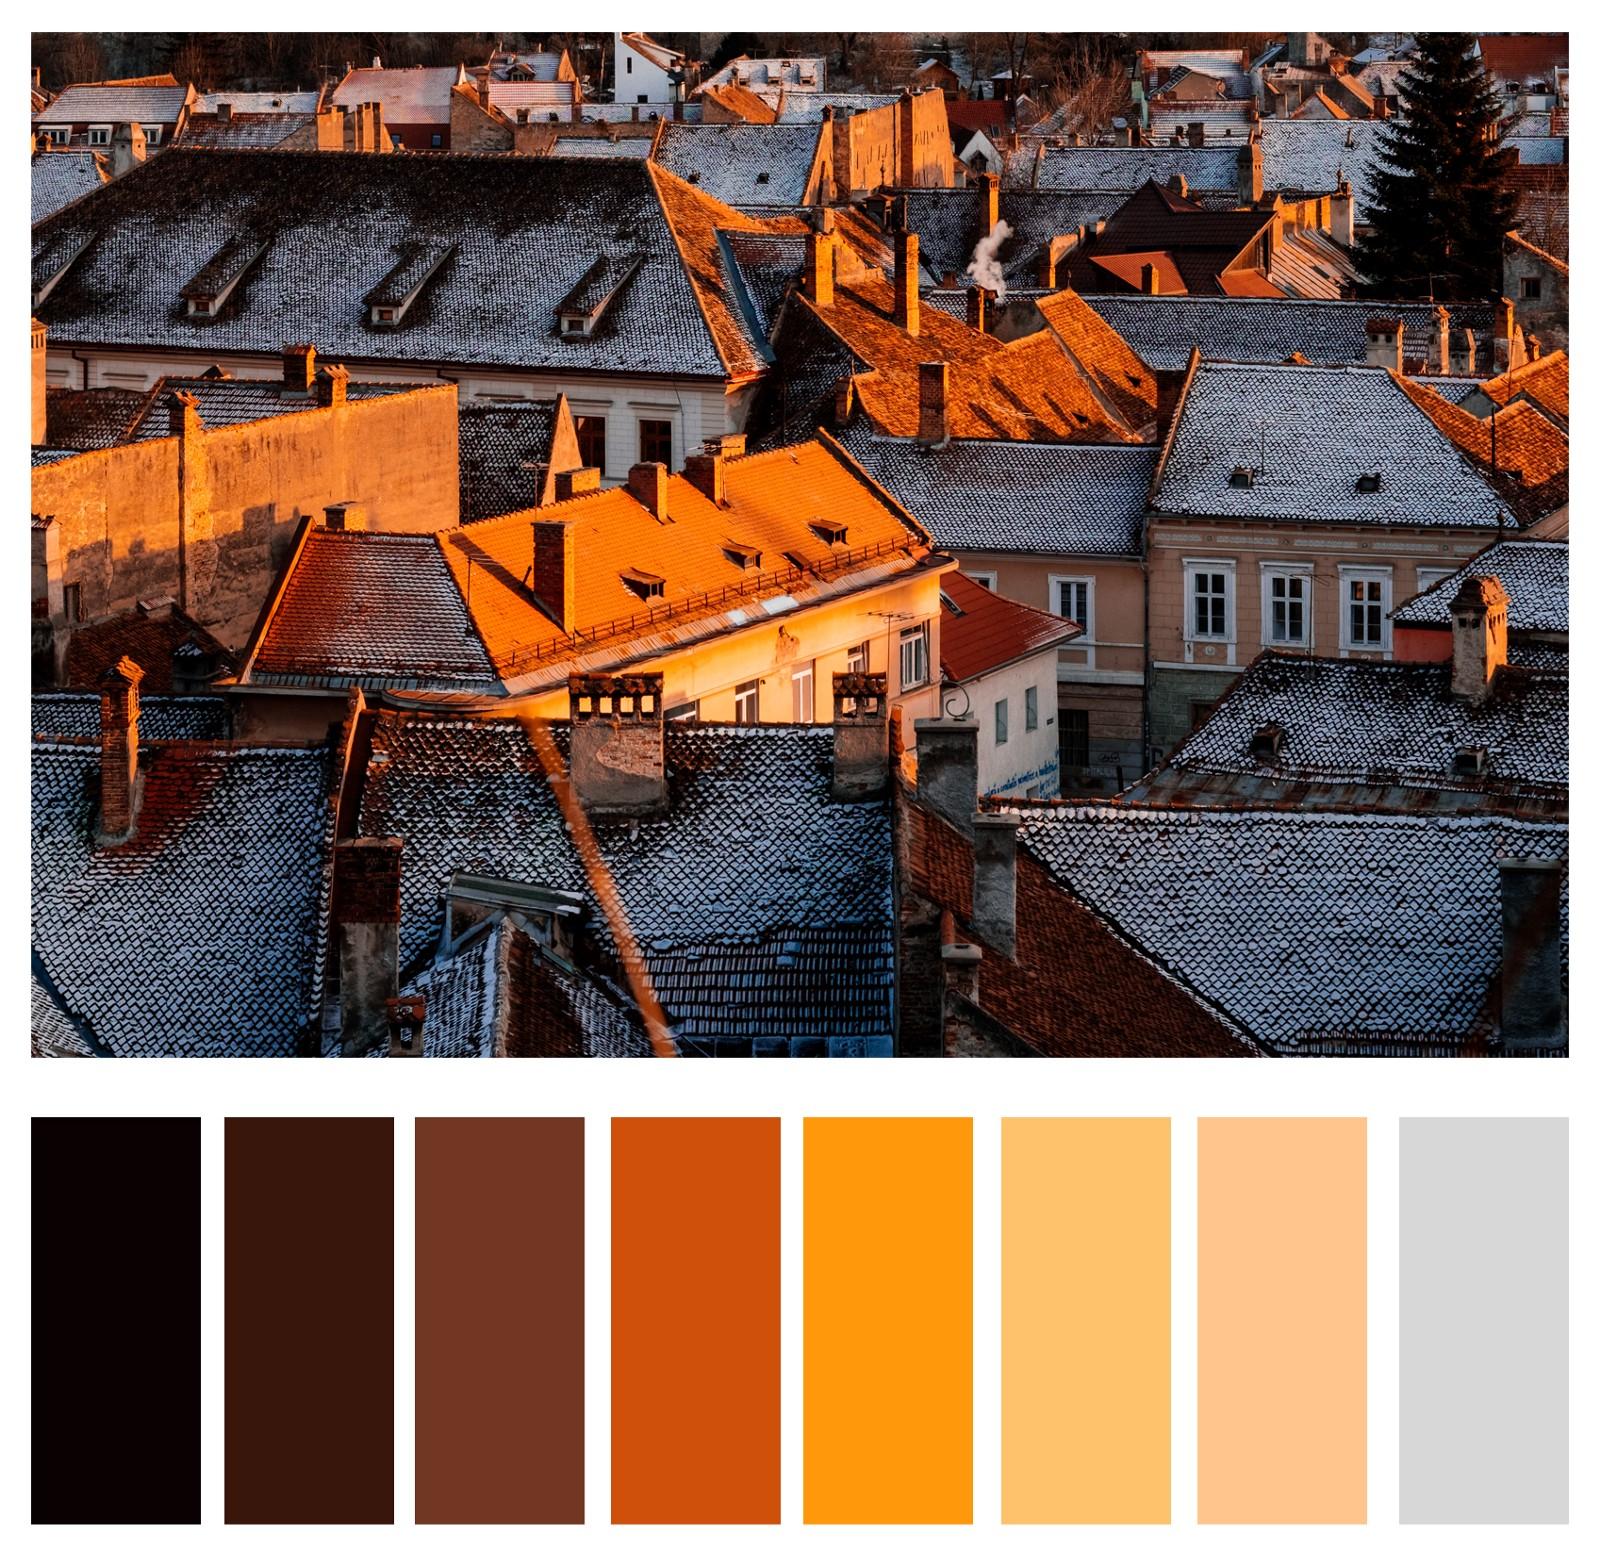 1б.Сильні вторинні кольори часто додають цікавостіі можуть легко стати предметом інтересу самостійно.